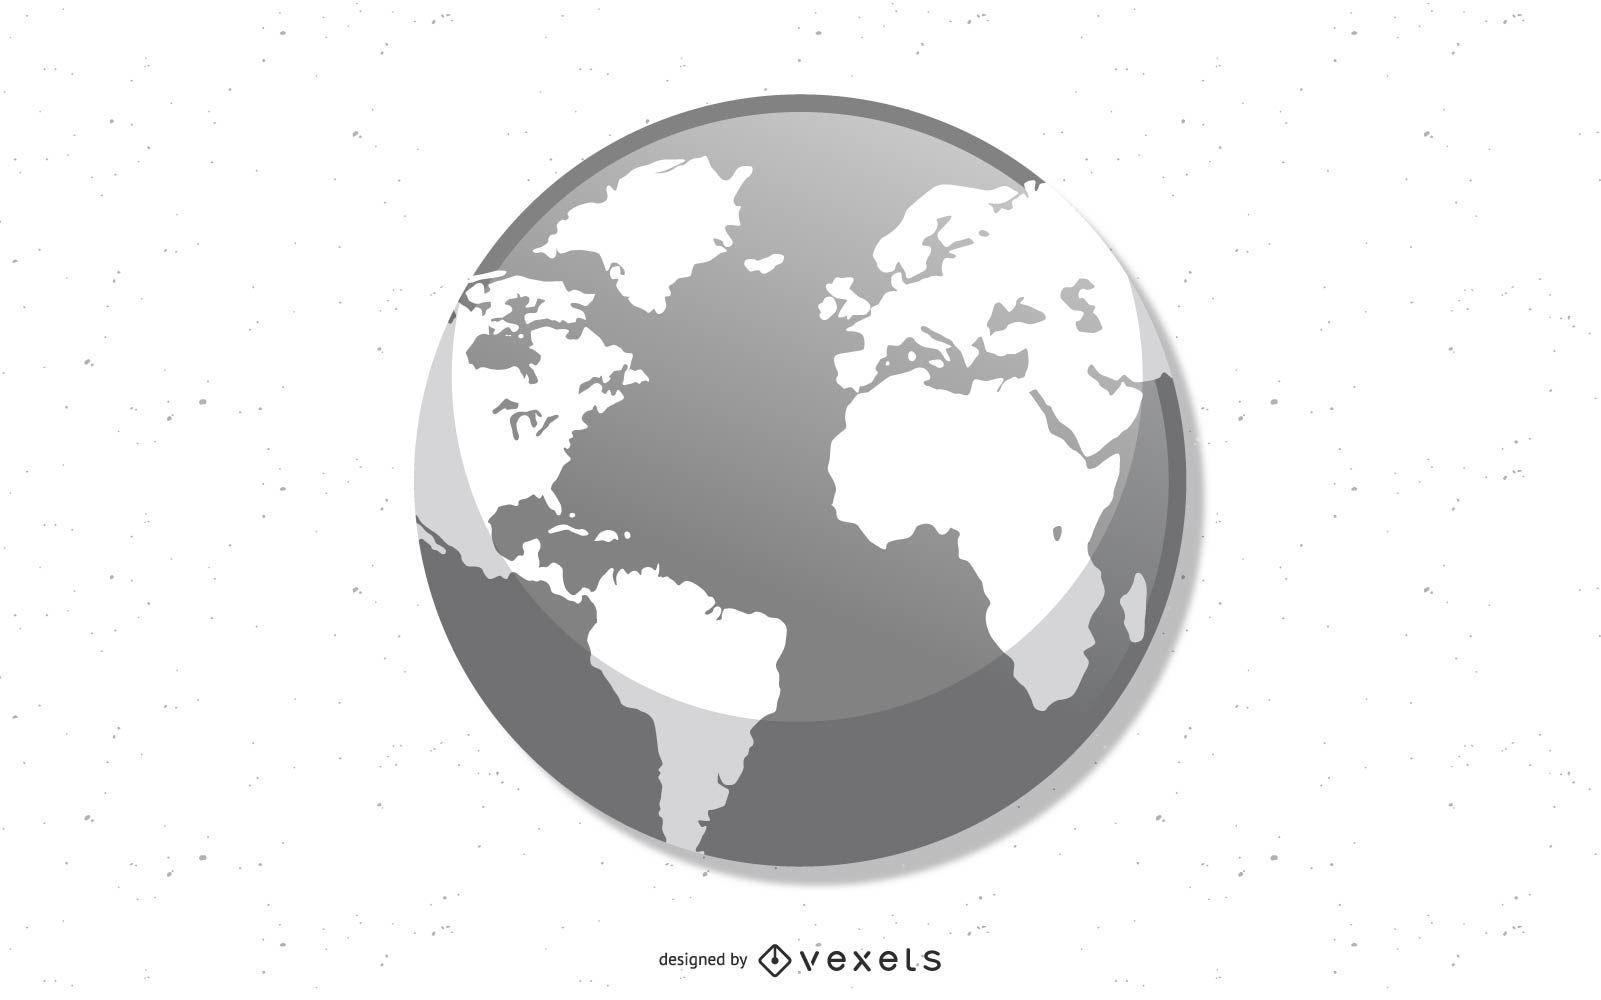 Vector globe - earth